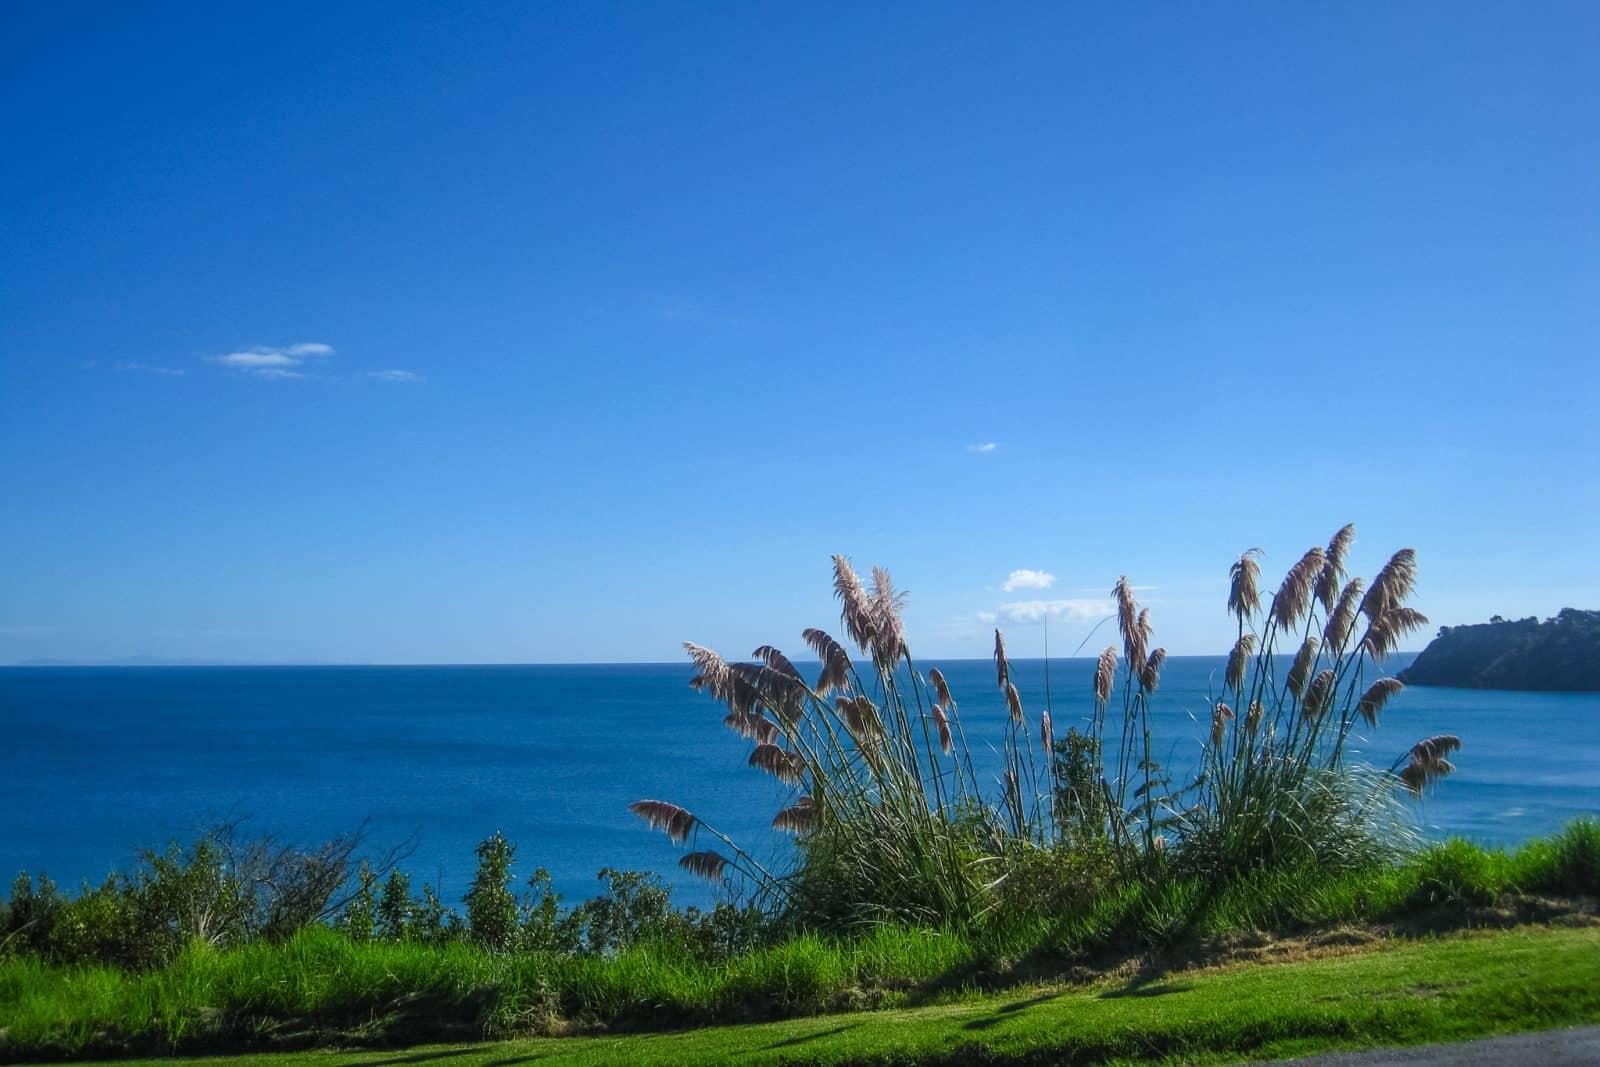 Traveling the world. Waiheke Island, New Zealand.